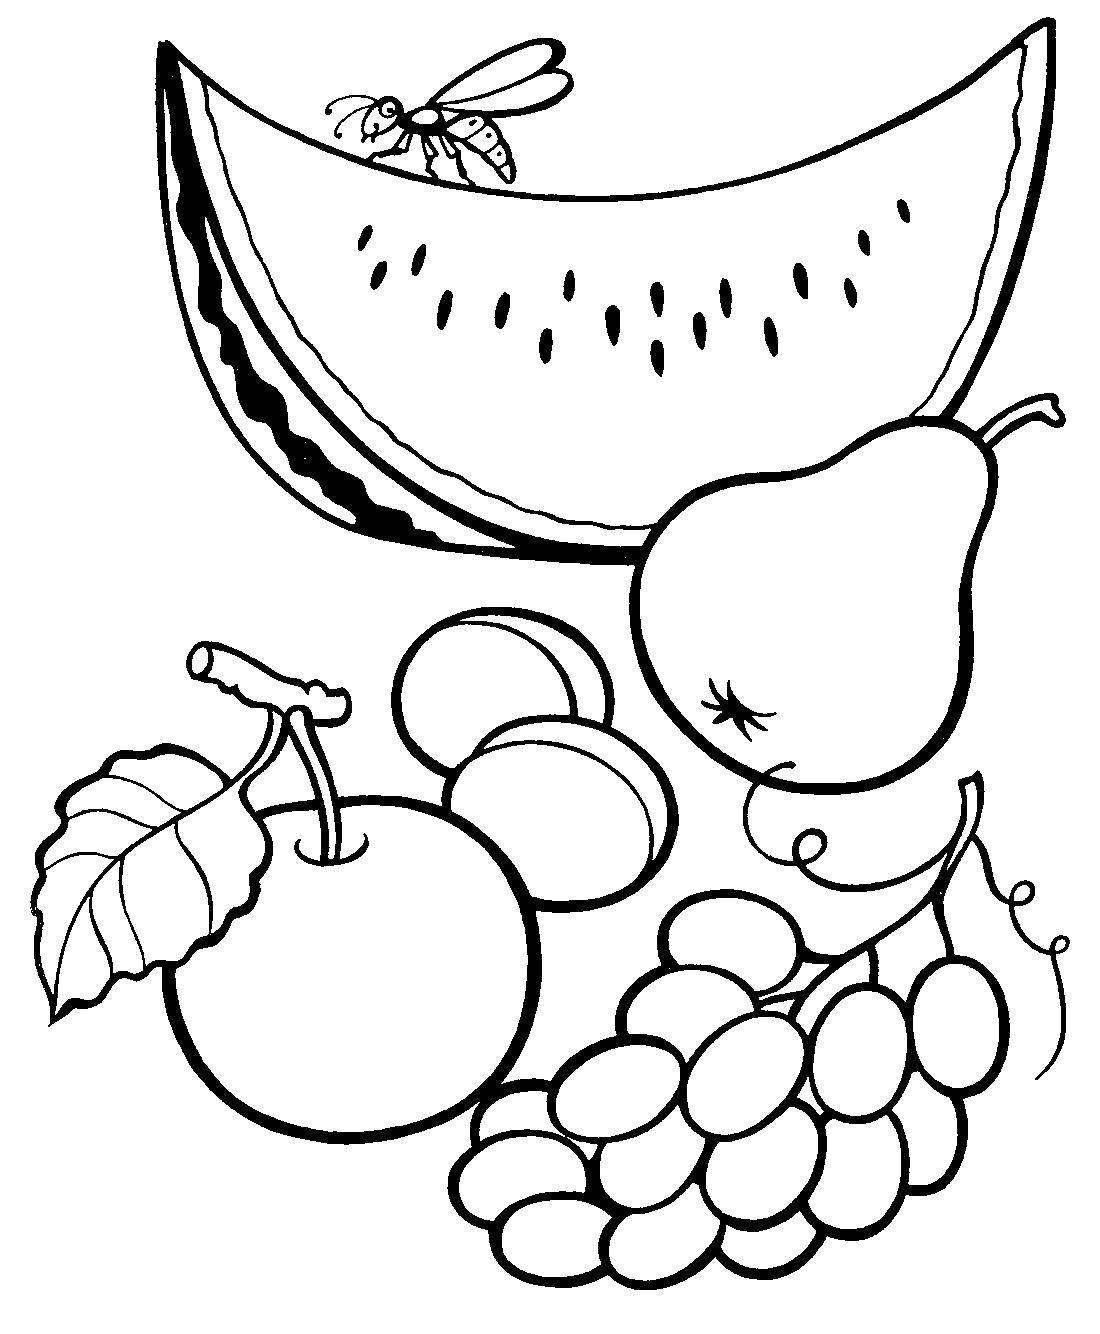 Раскраска Фрукты и ягоды Скачать фрукт, ягоды, лето.  Распечатать ,еда,